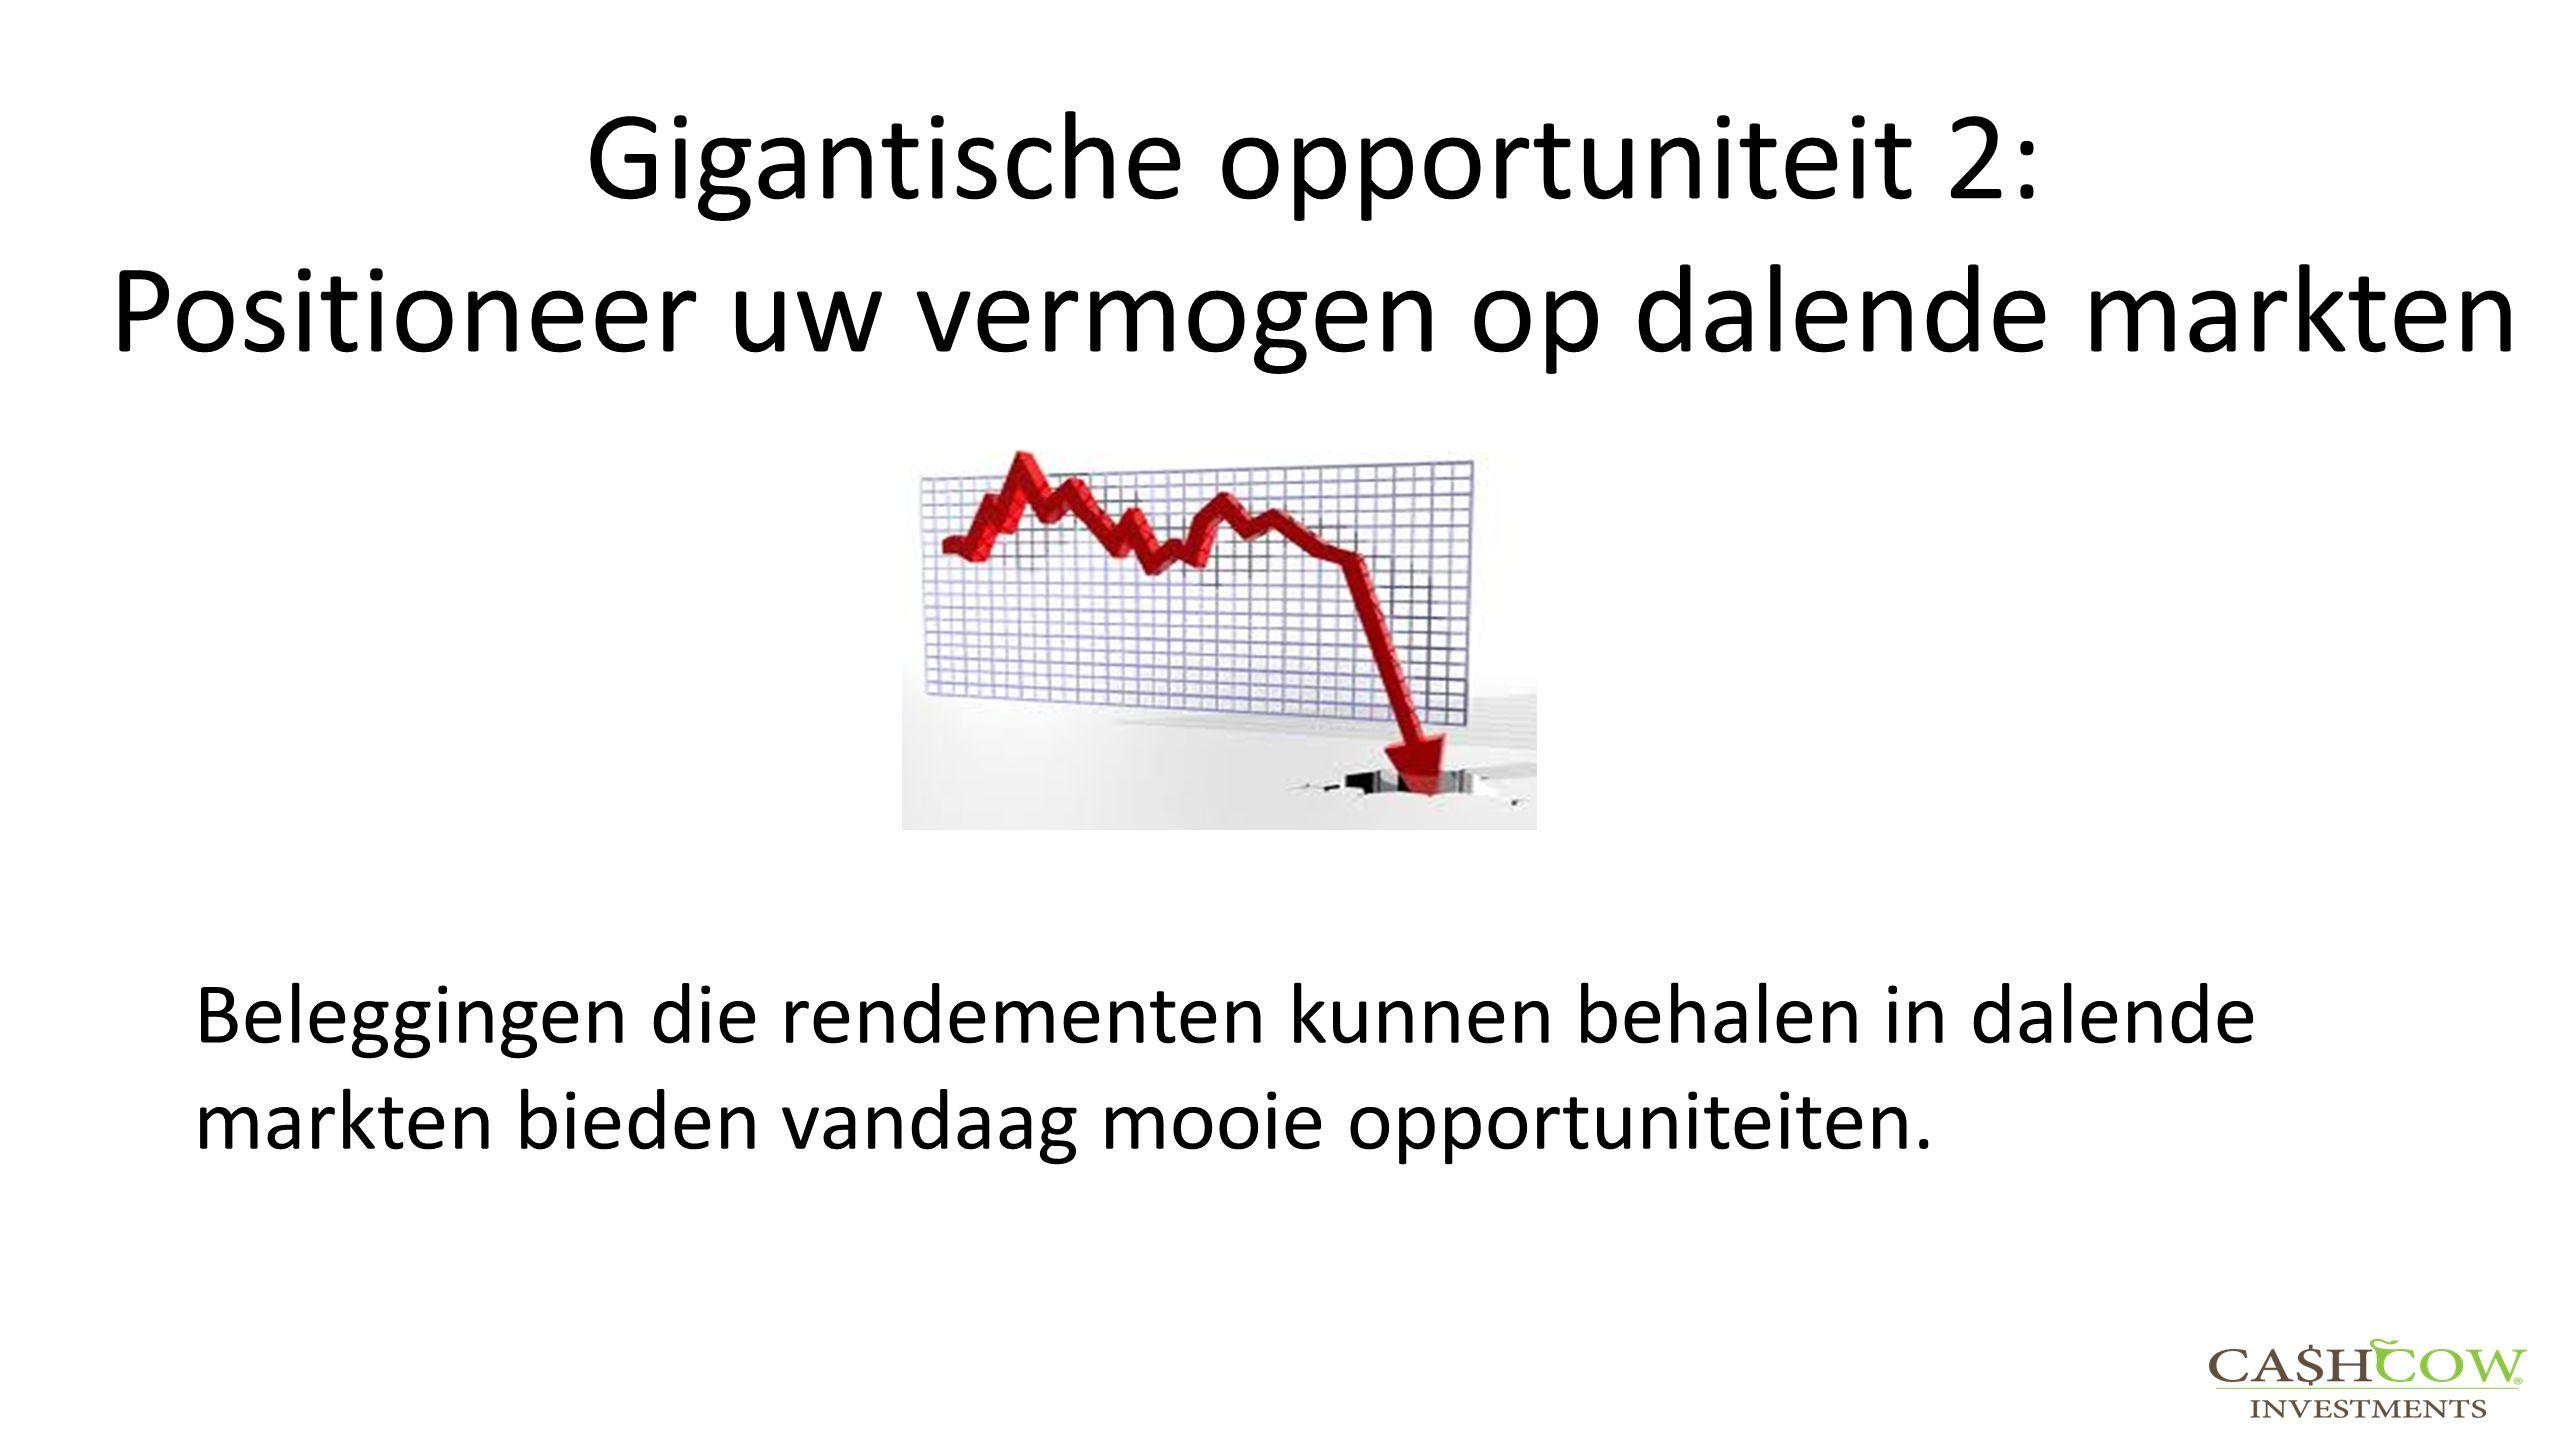 Gigantische opportuniteit 2: Positioneer uw vermogen op dalende markten Beleggingen die rendementen kunnen behalen in dalende markten bieden vandaag mooie opportuniteiten.